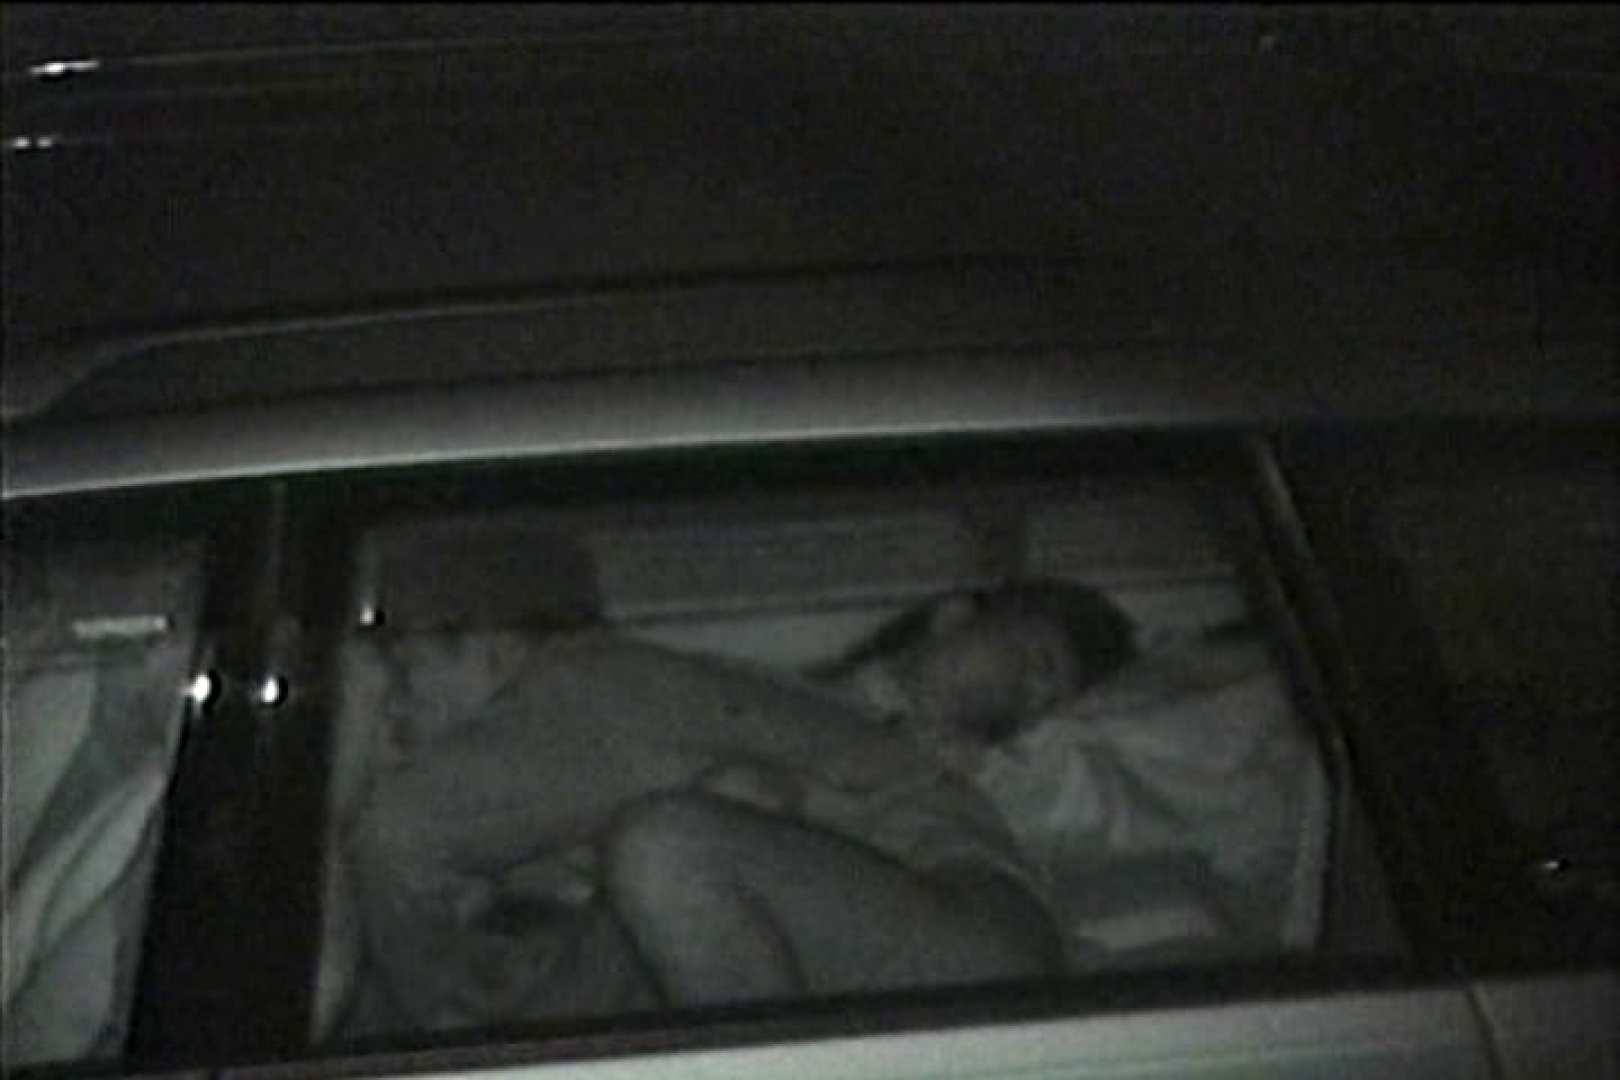 車の中はラブホテル 無修正版  Vol.7 人気シリーズ | OL女体  96連発 65